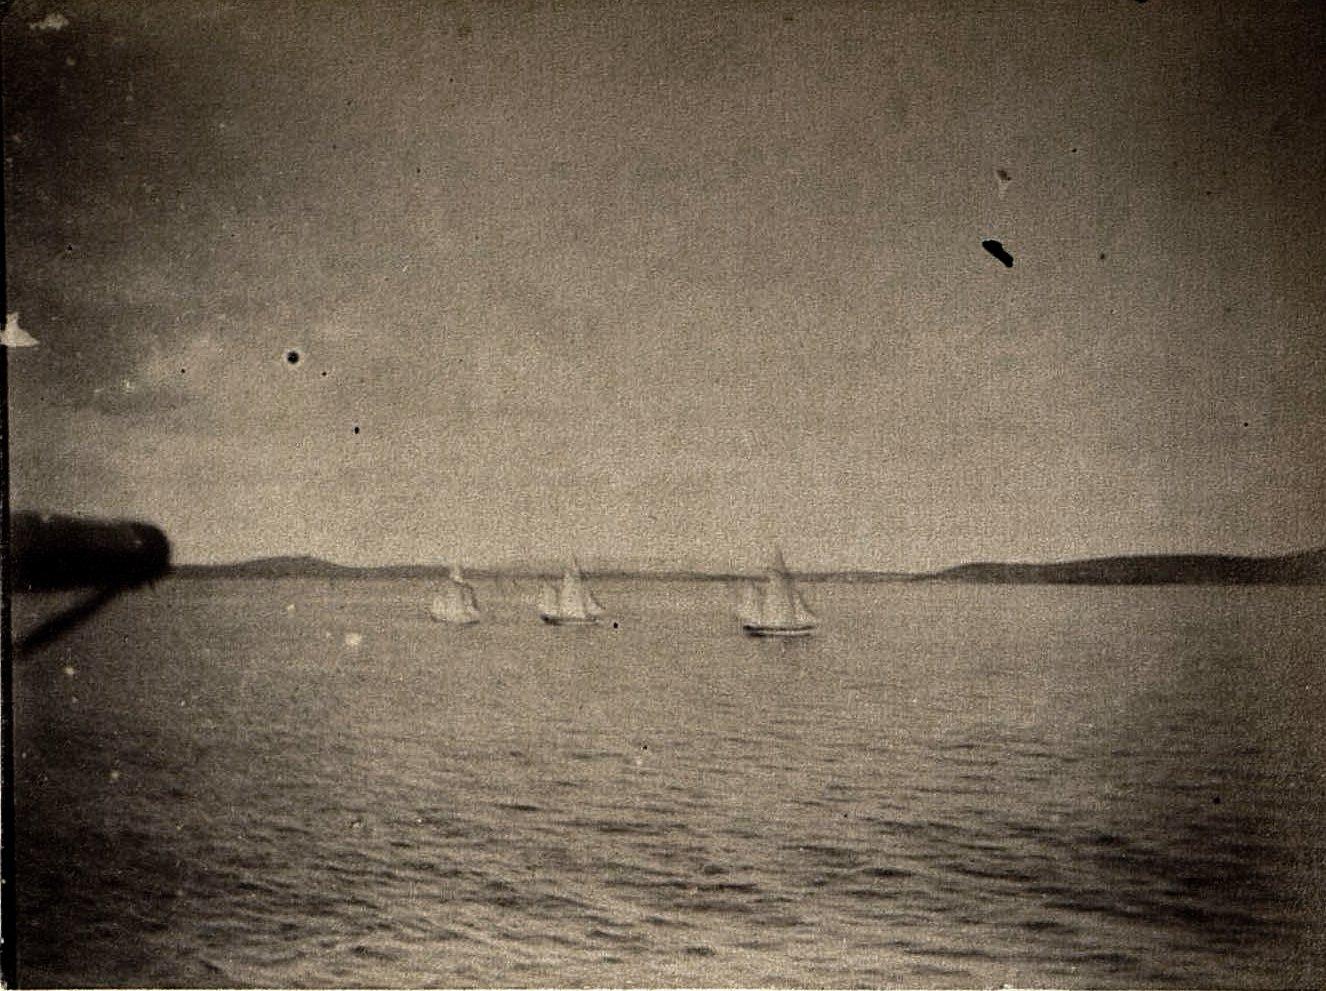 1898. Китай, г. Талиенван. Катание на шлюпках